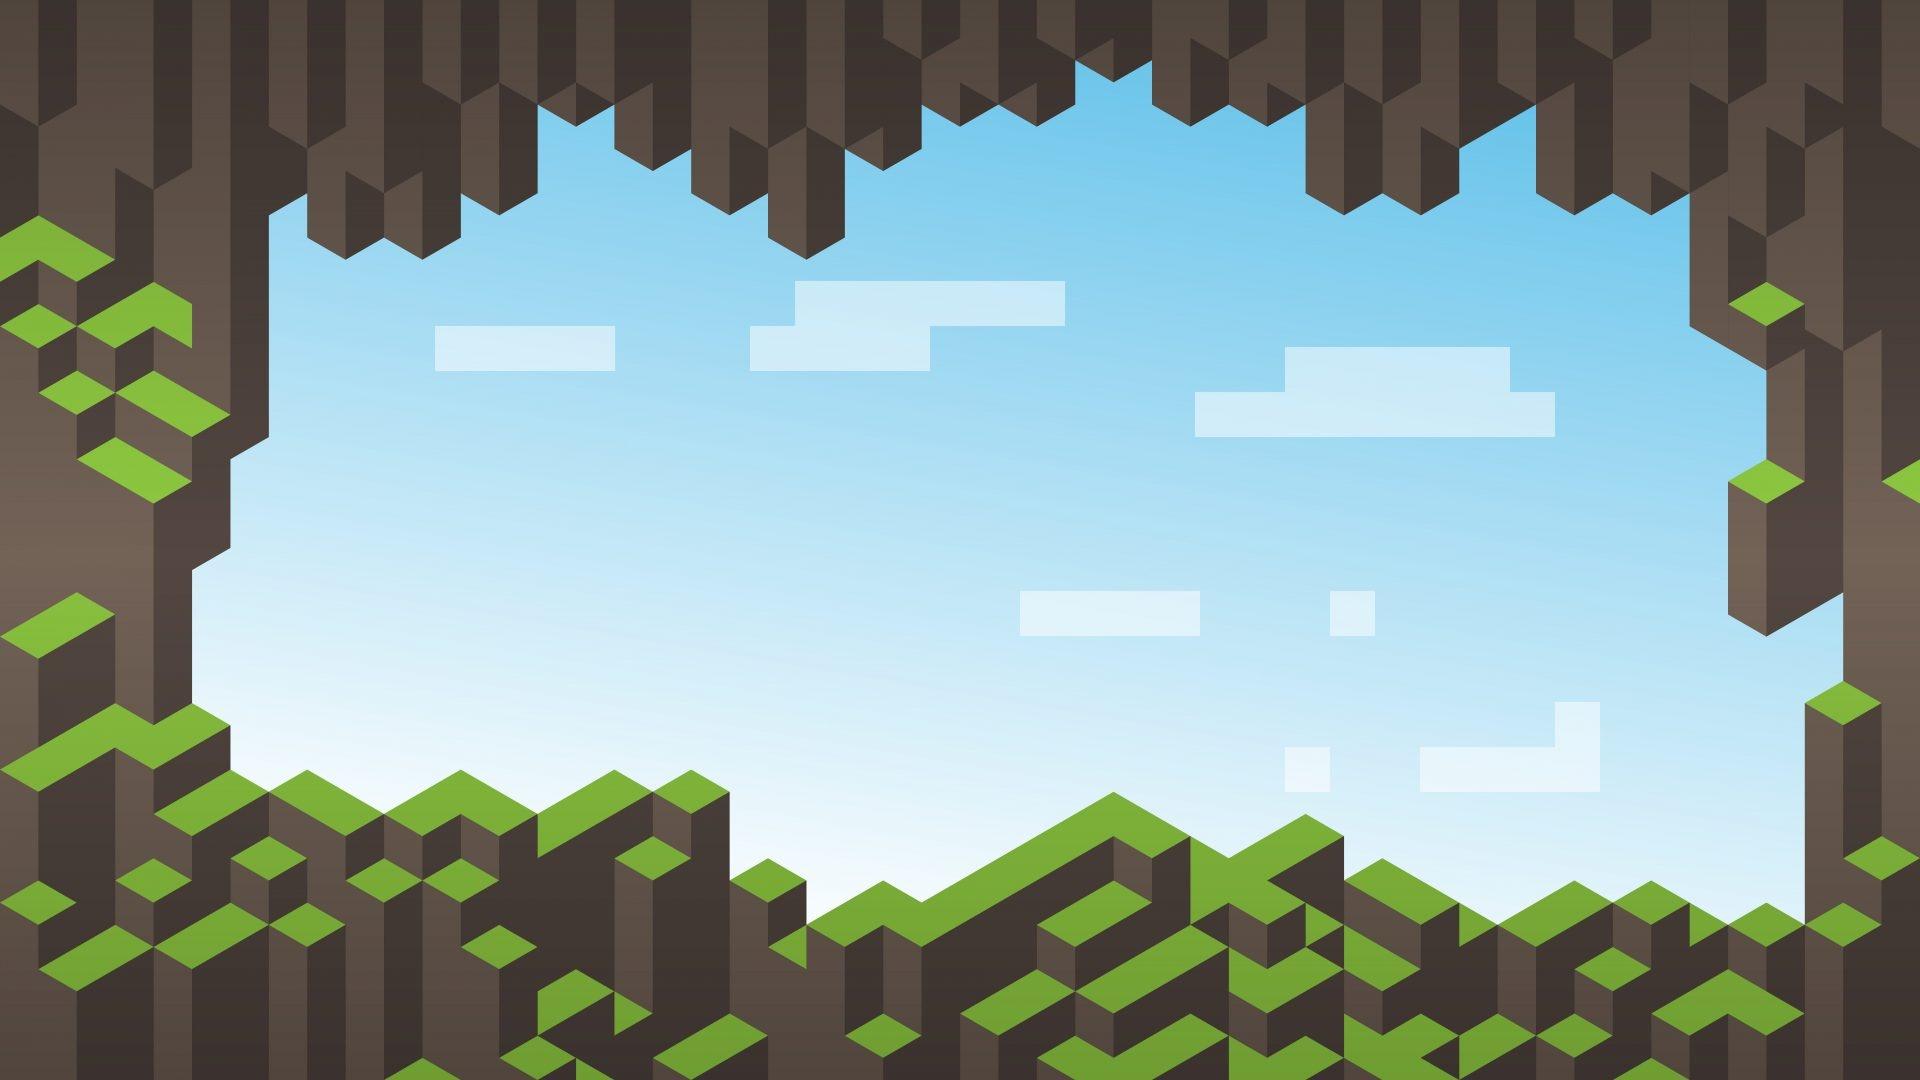 Minecraft cool background